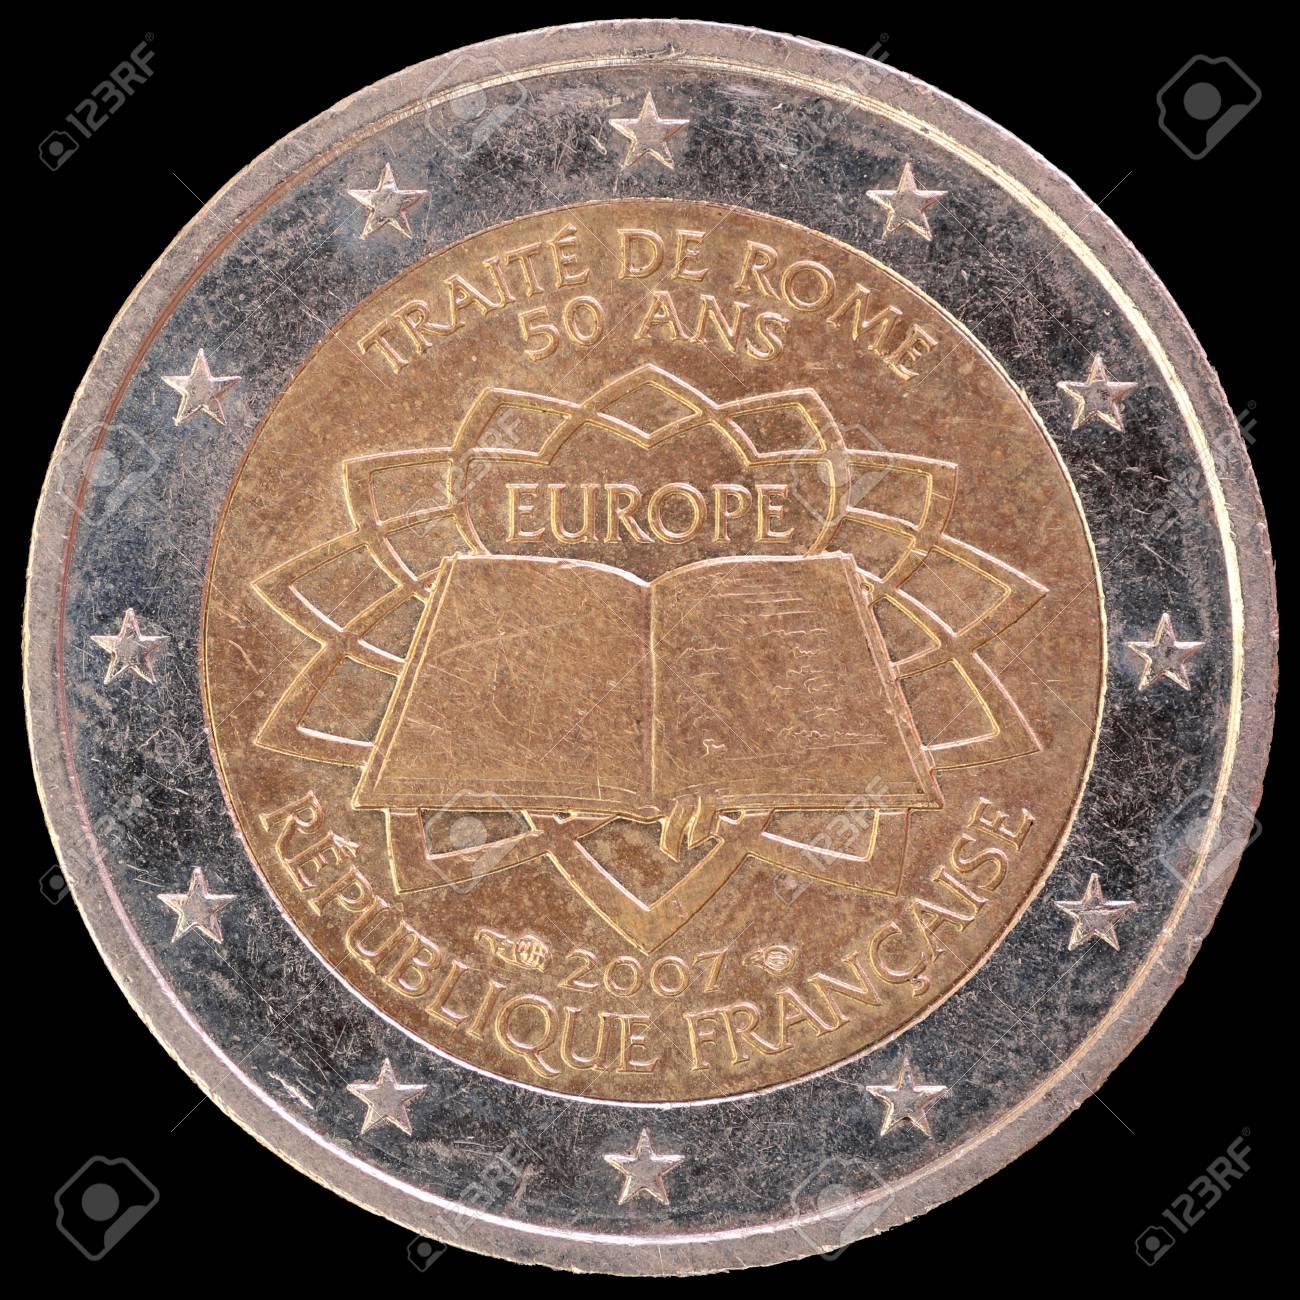 Eine Gedenkmünze In Umlauf Gebracht Zwei Euro Münze Von Frankreich